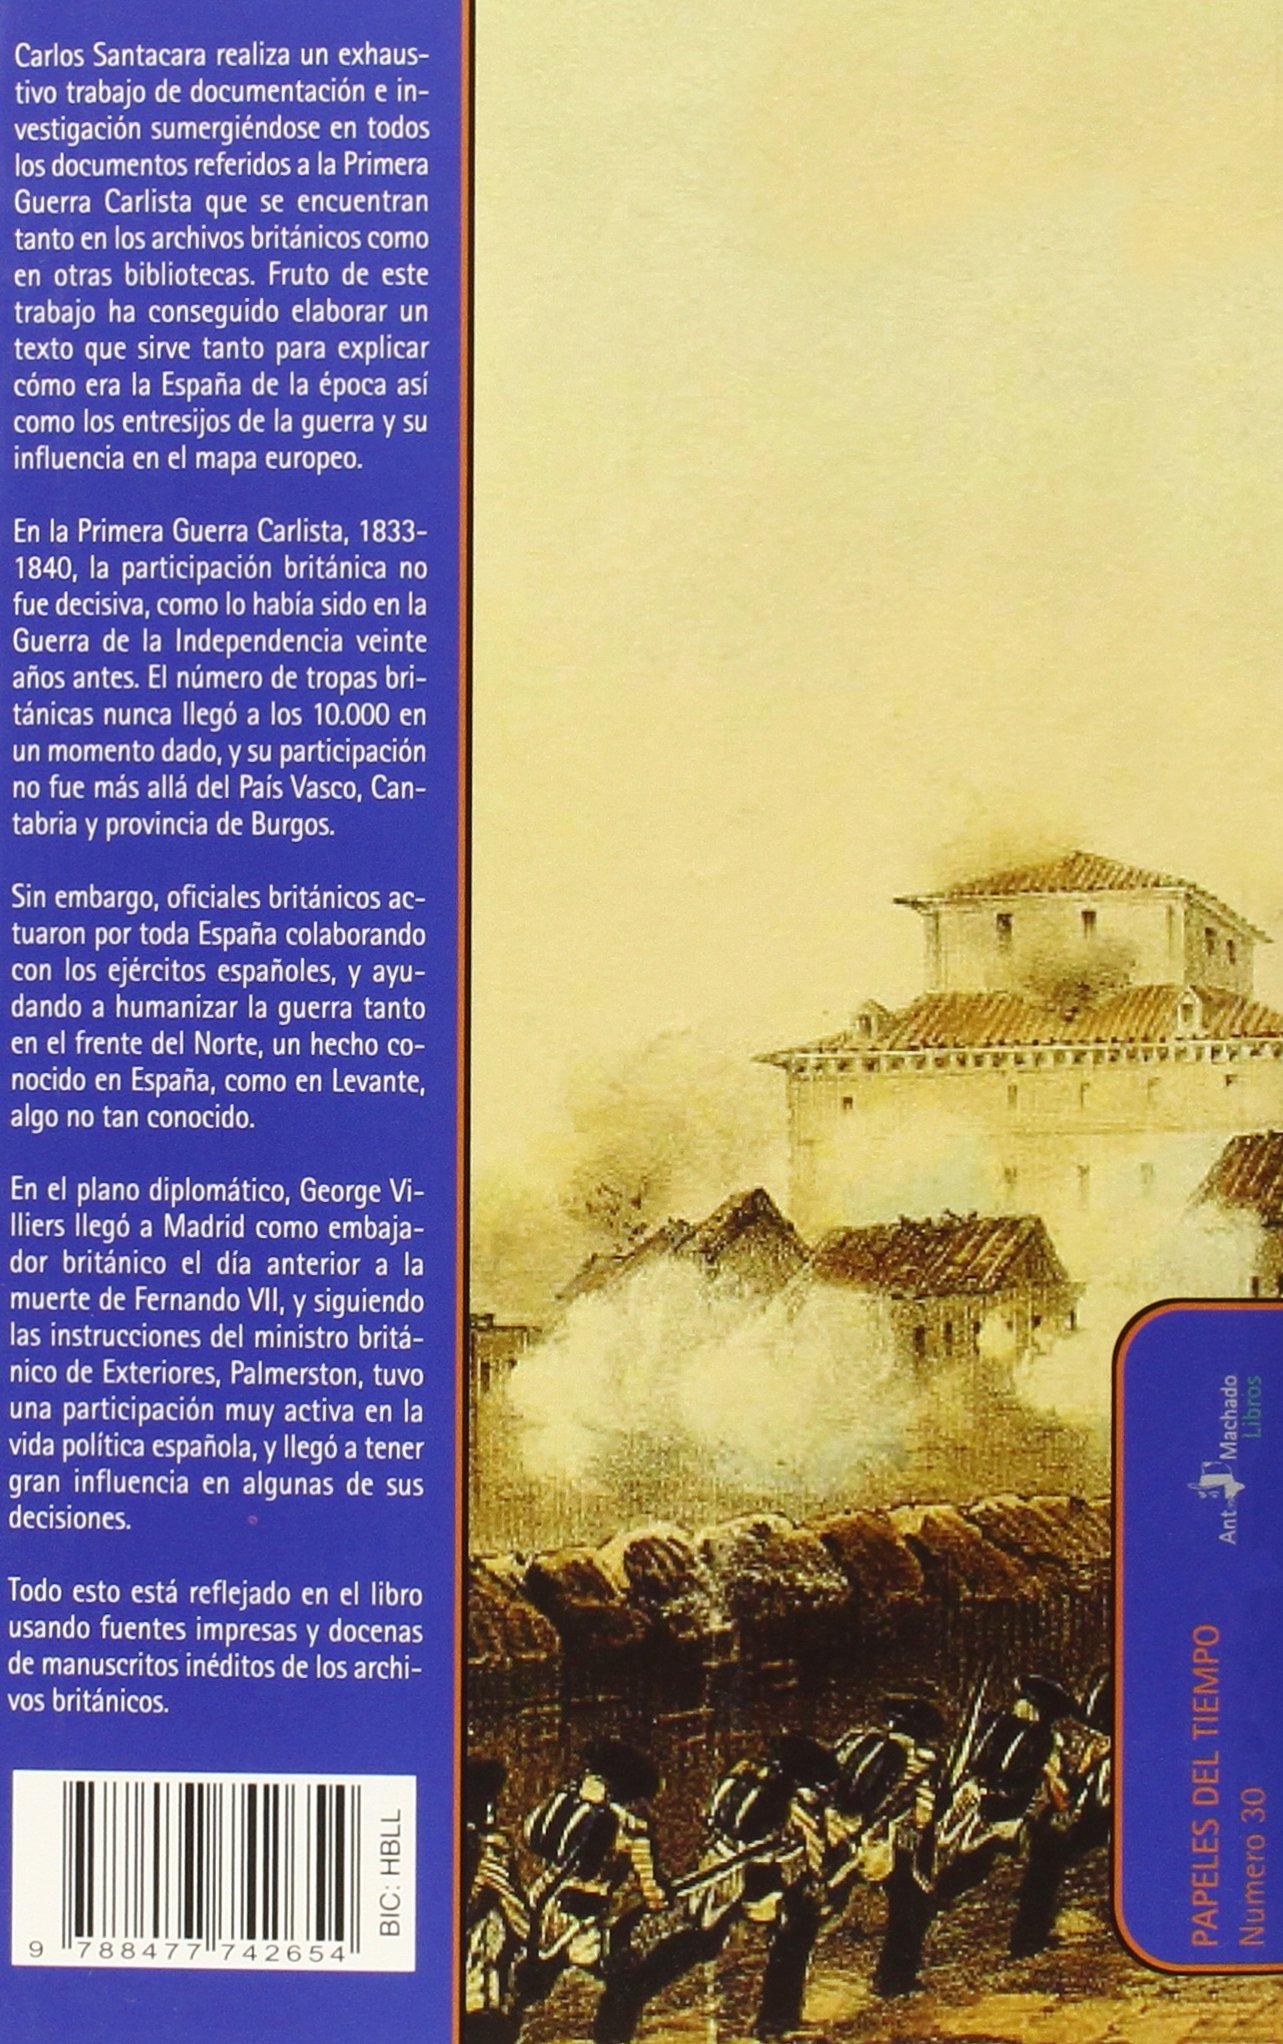 La Primera Guerra Carlista Vista Por Los Británicos. 1833-1840 ...